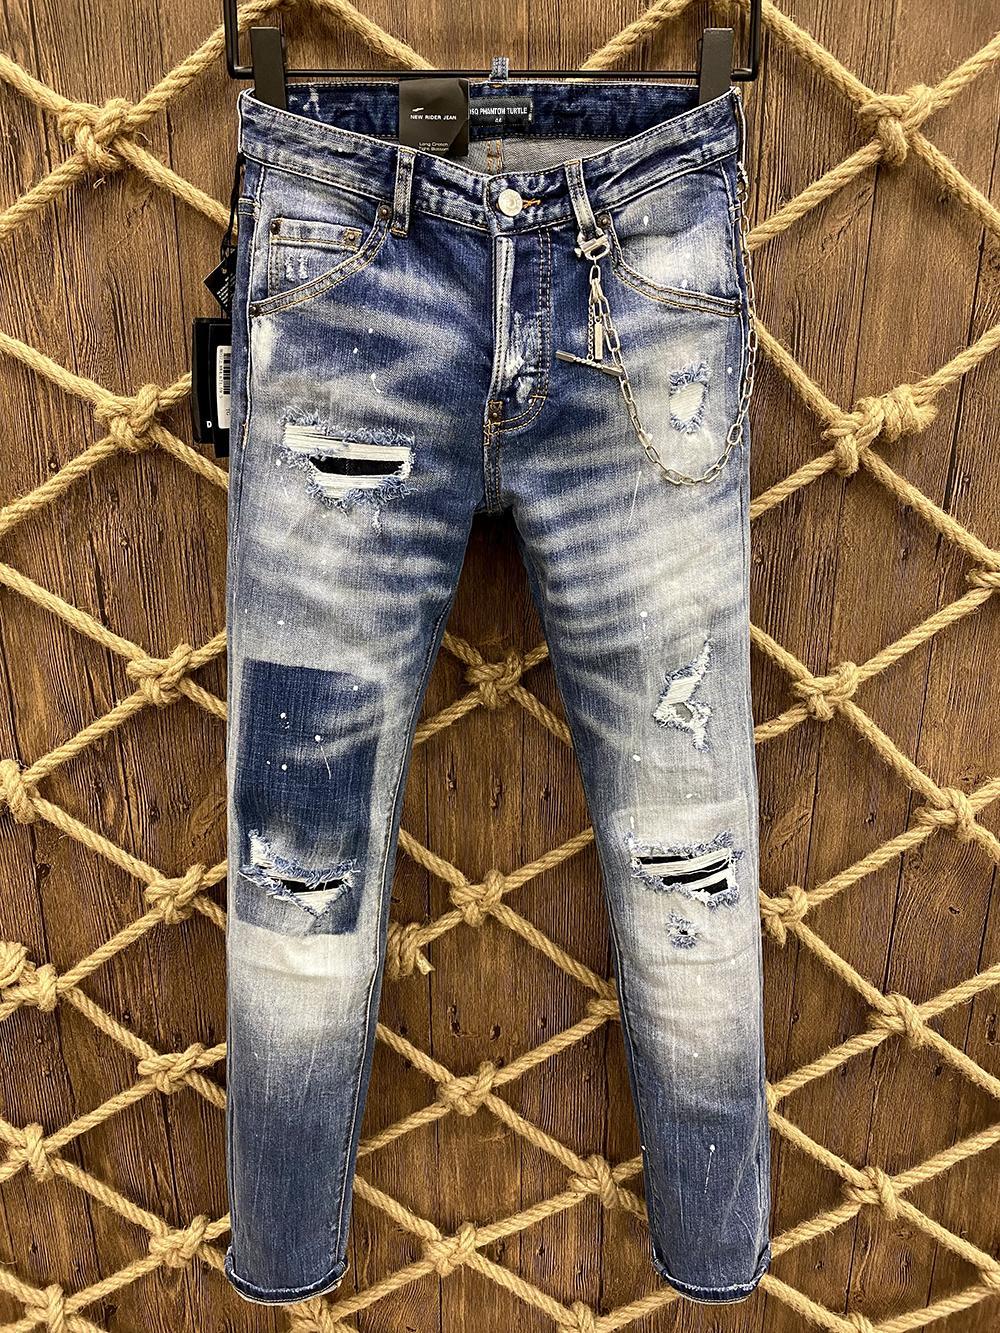 DSQ Phantom Tortue Classic Fashion Homme Jeans Hip Hop Rock Moto Mens Décontracté Design Décontracté Jeans Détressé Skinny Denim Biker DSQ Jeans 6162